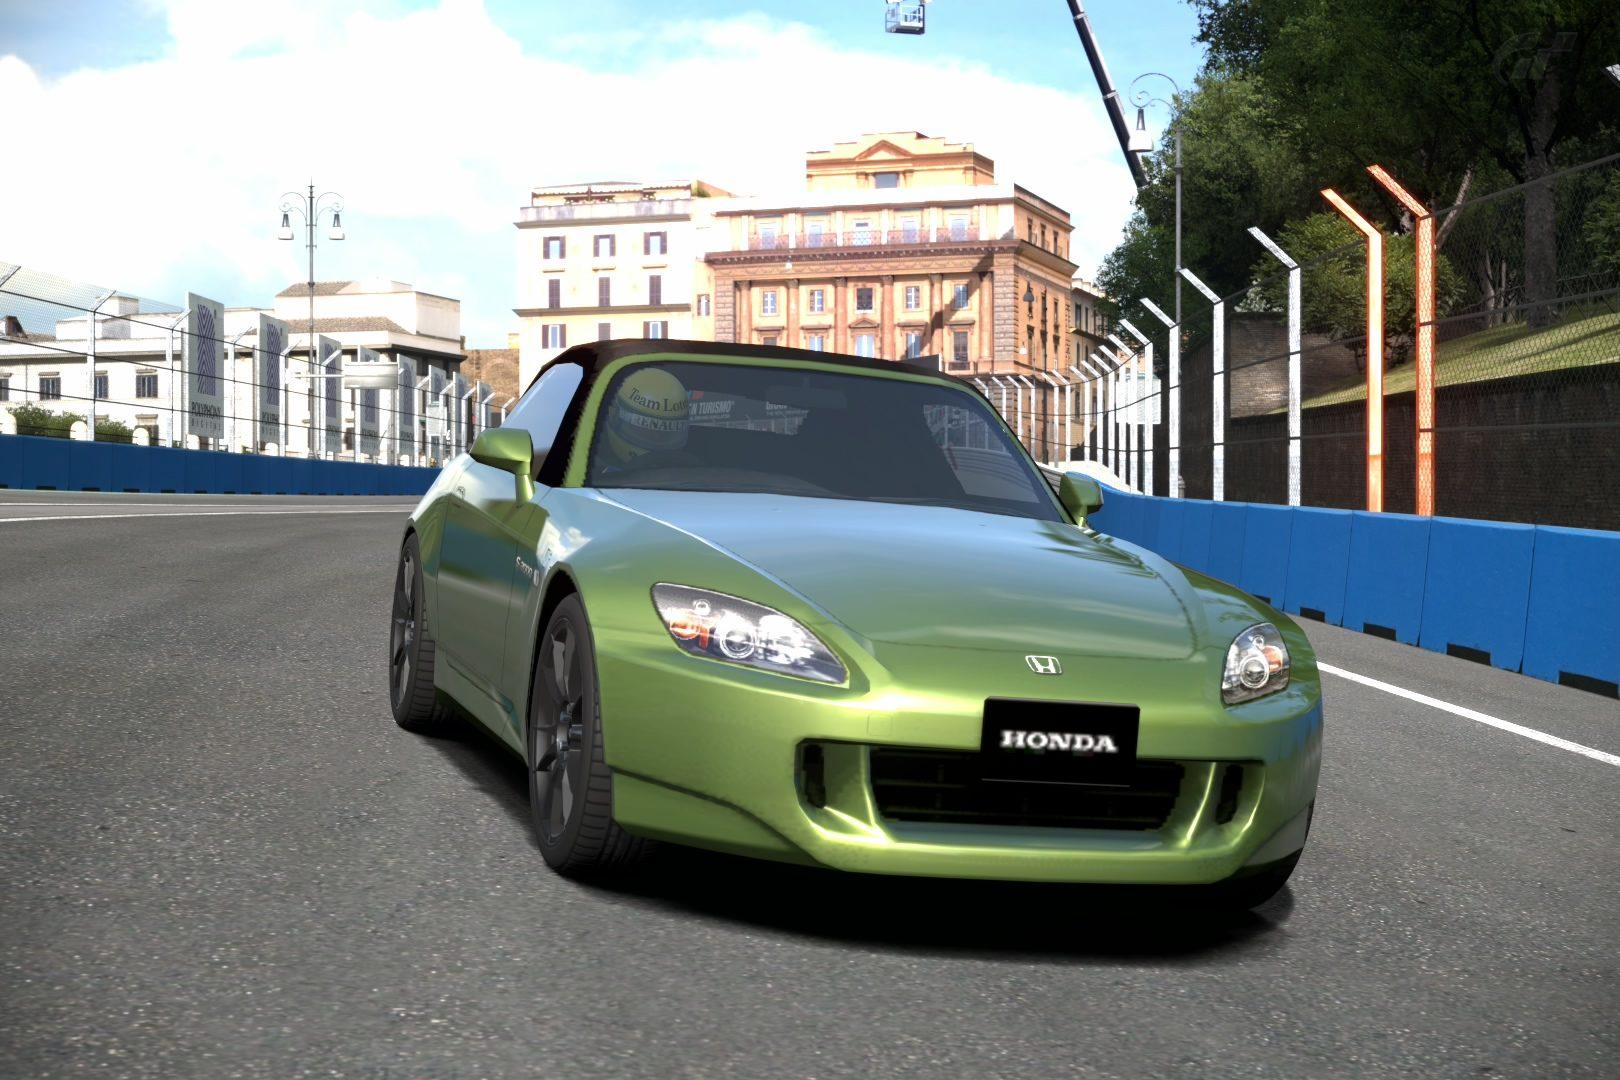 HondaS2000TypeVImg2.jpg